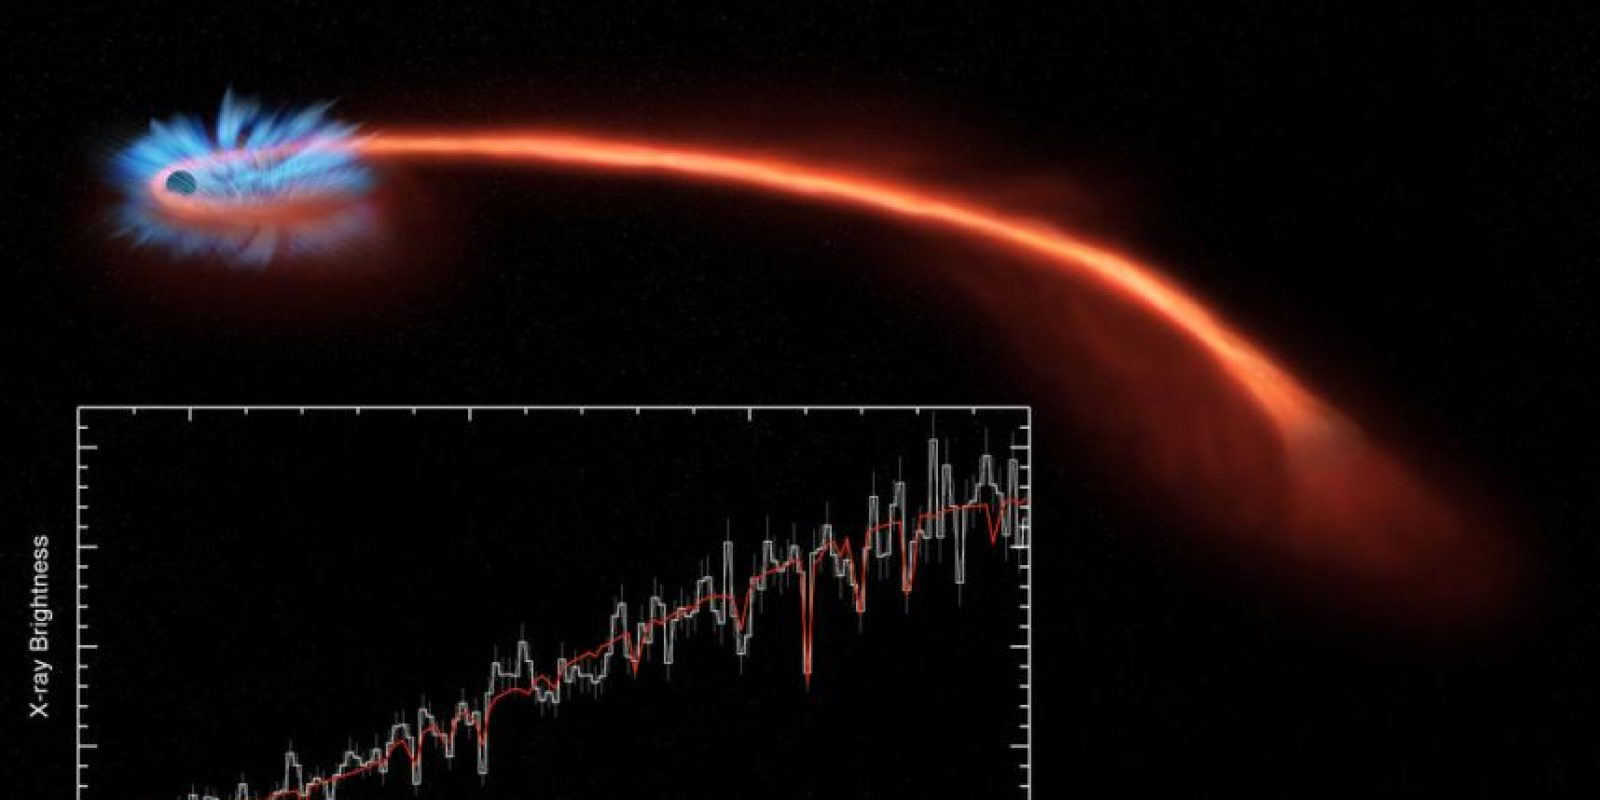 El fenómeno fue captado por el telescopio Swift y NuSTAR Foto:Vía nasa.gov